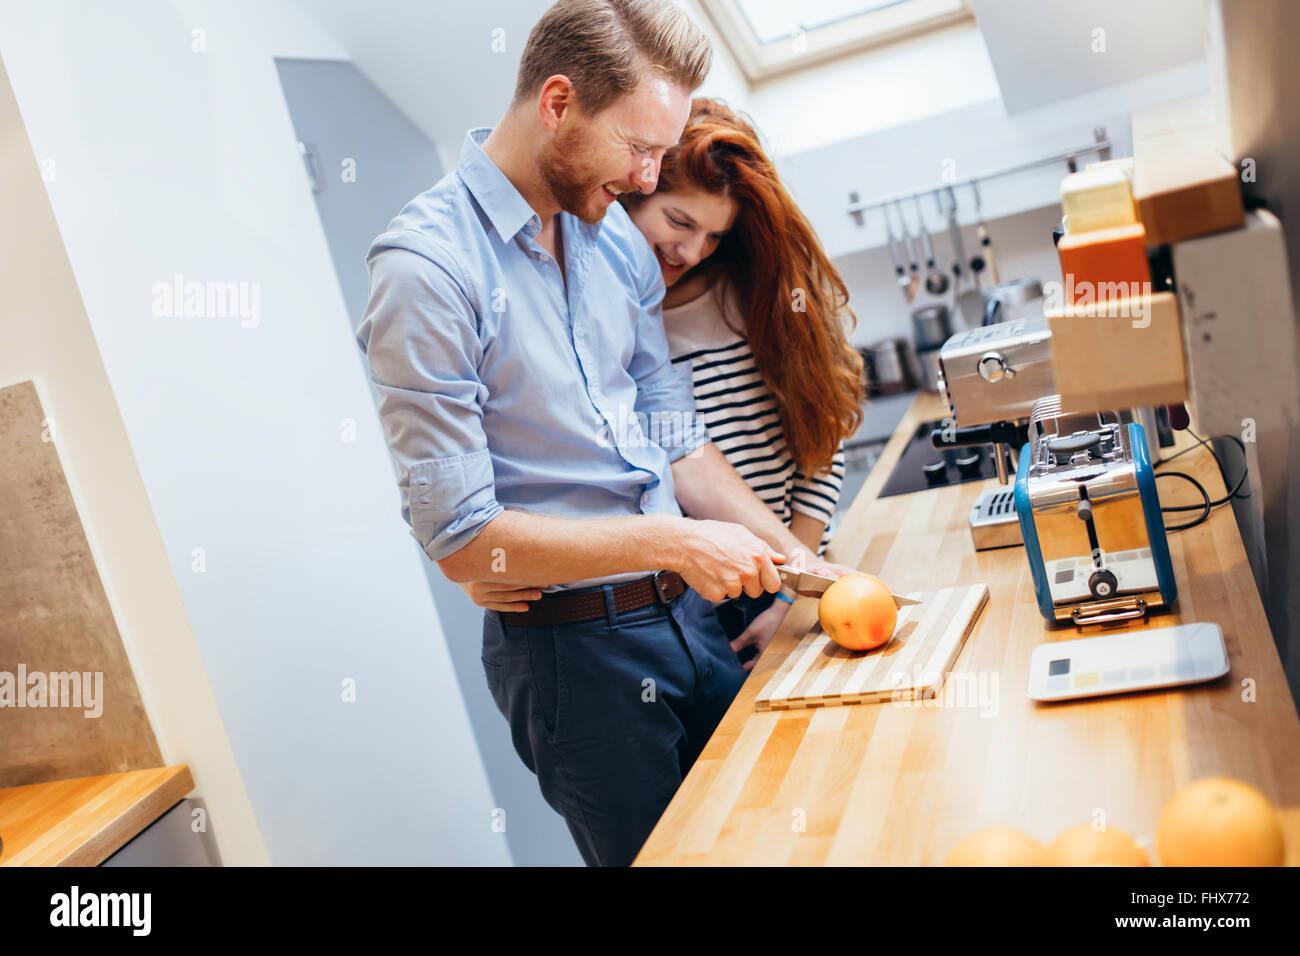 Glückliches Paar machen gesunde Bio-Säfte in Küche Stockbild